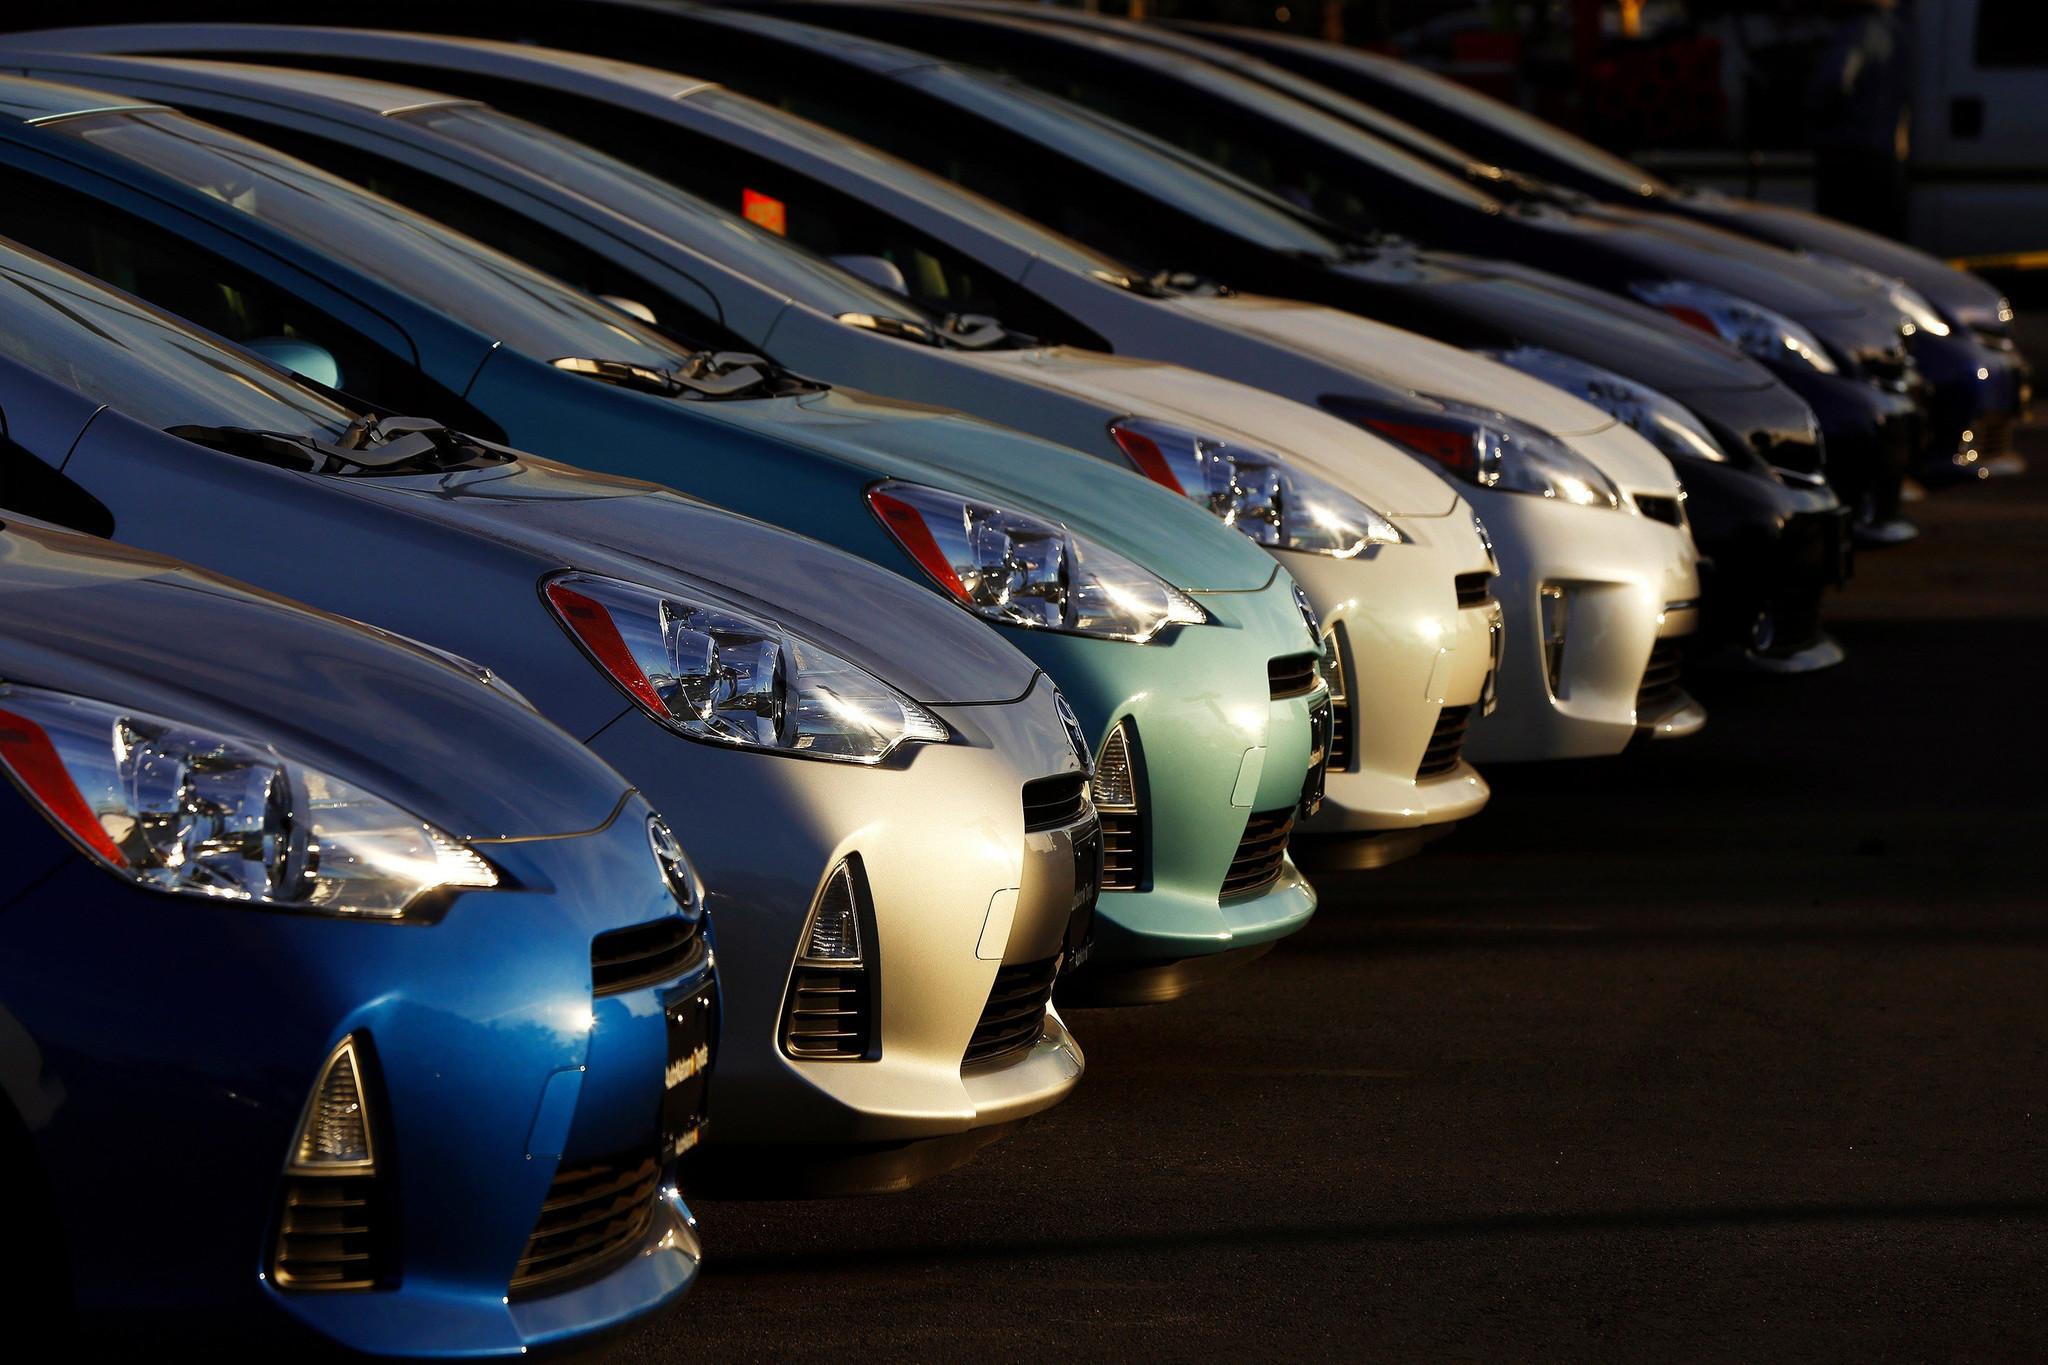 AutoNation s Fort Lauderdale land sale boosts quarterly profit Sun